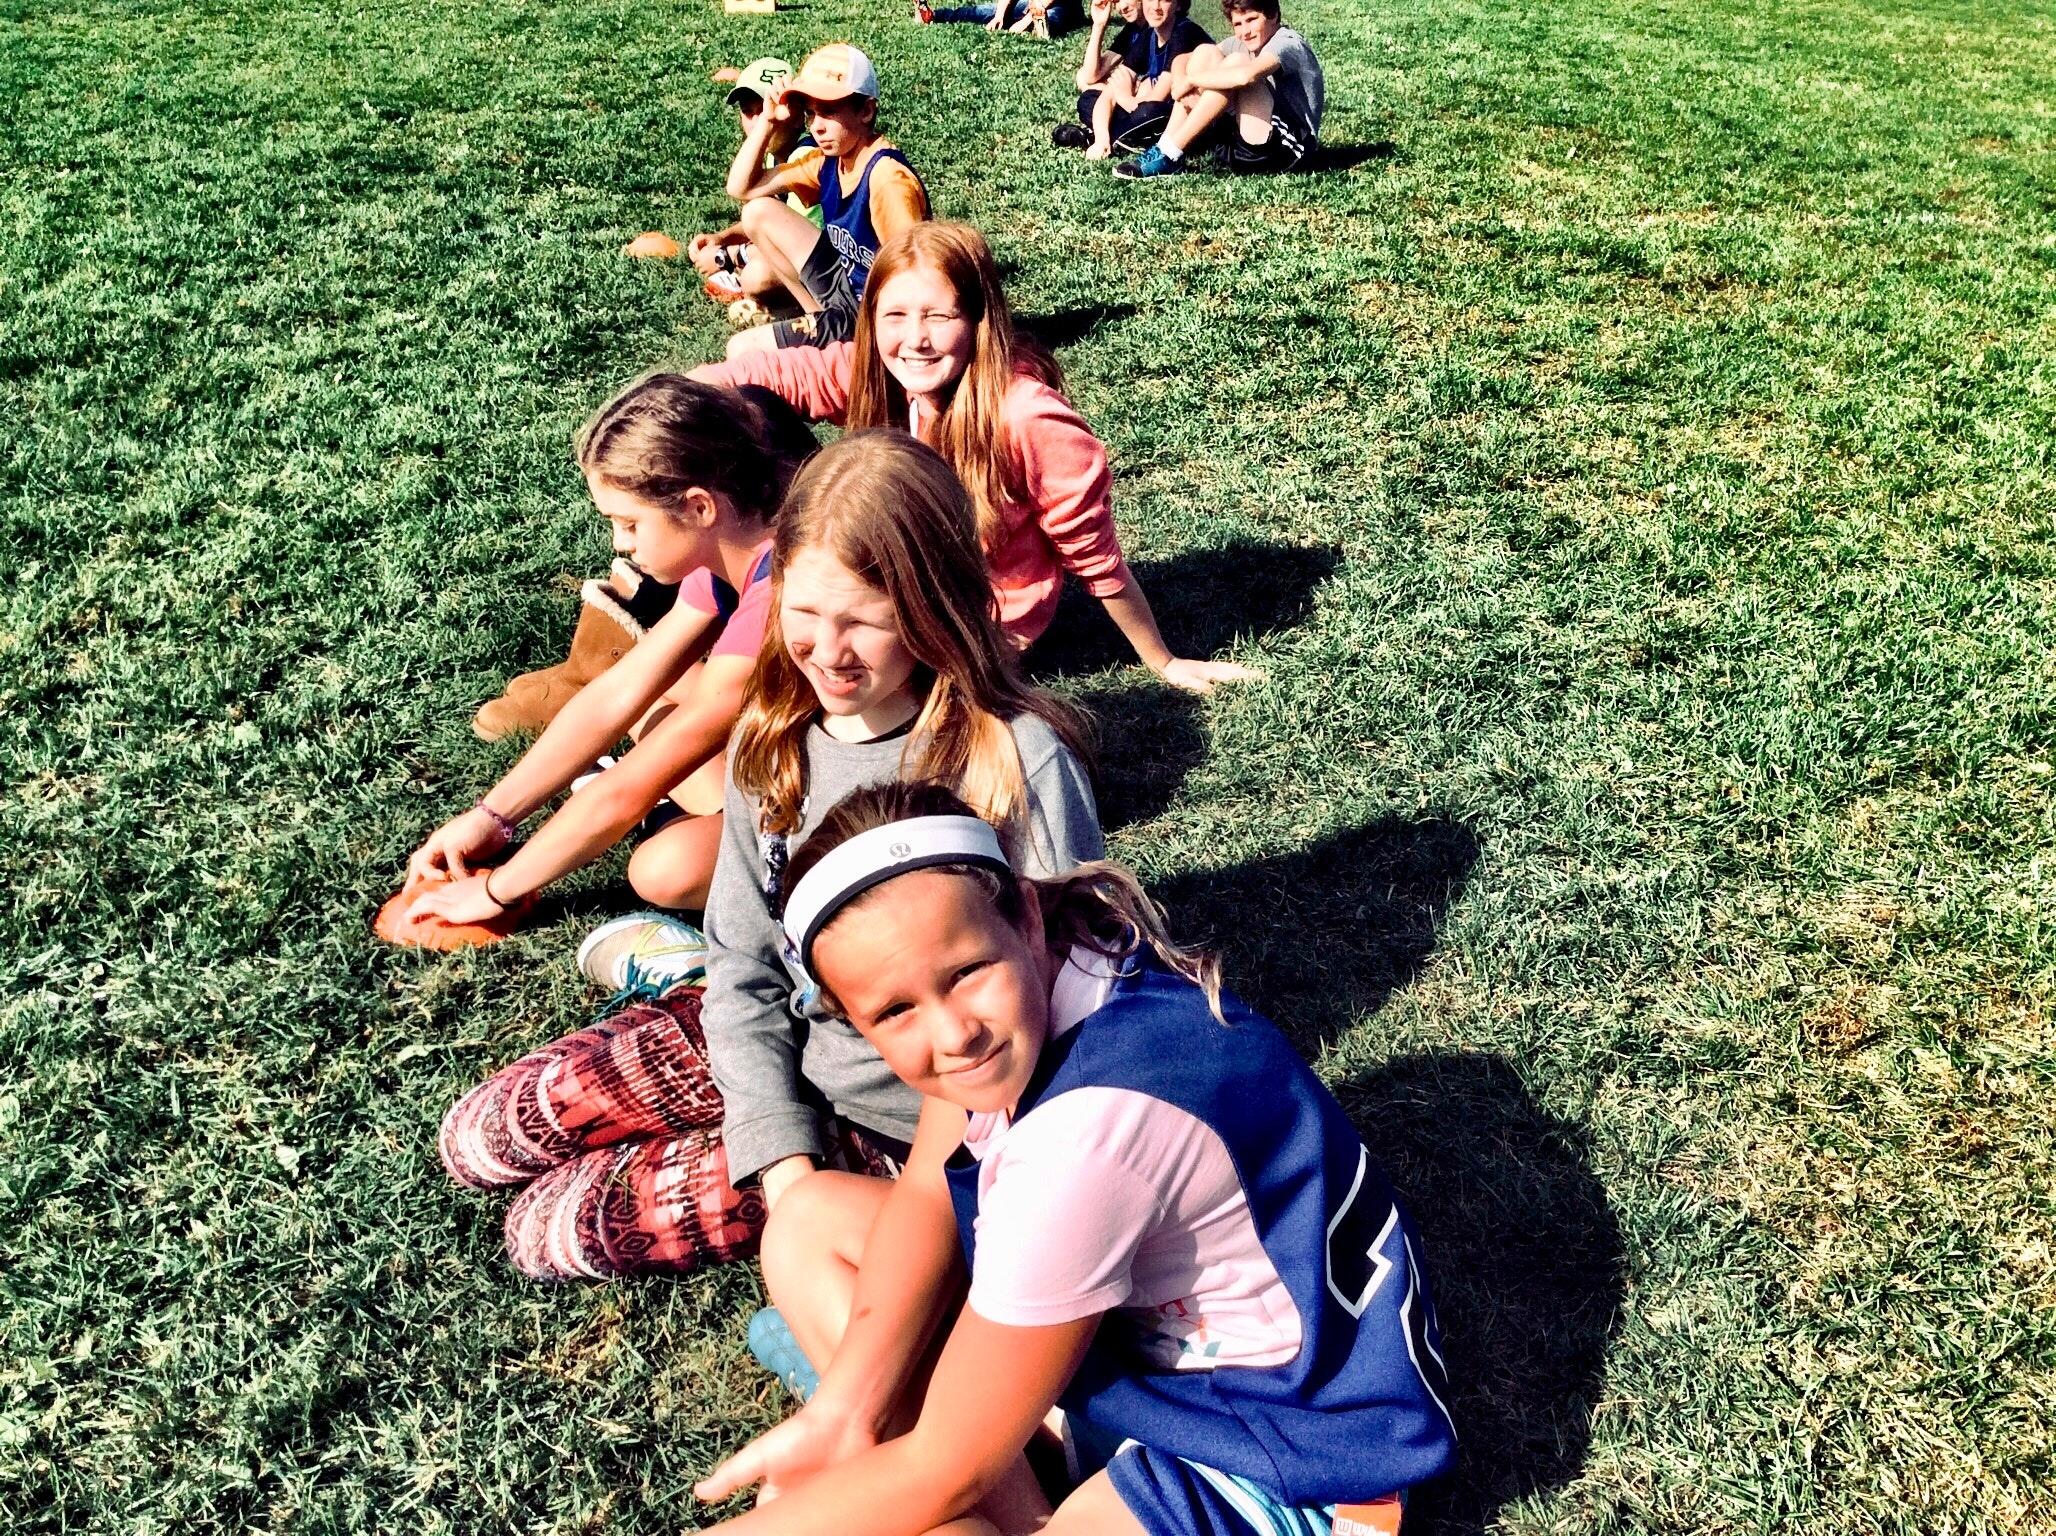 obrazek przedstawia uśmiechnięte dzieci siedzące na trawie